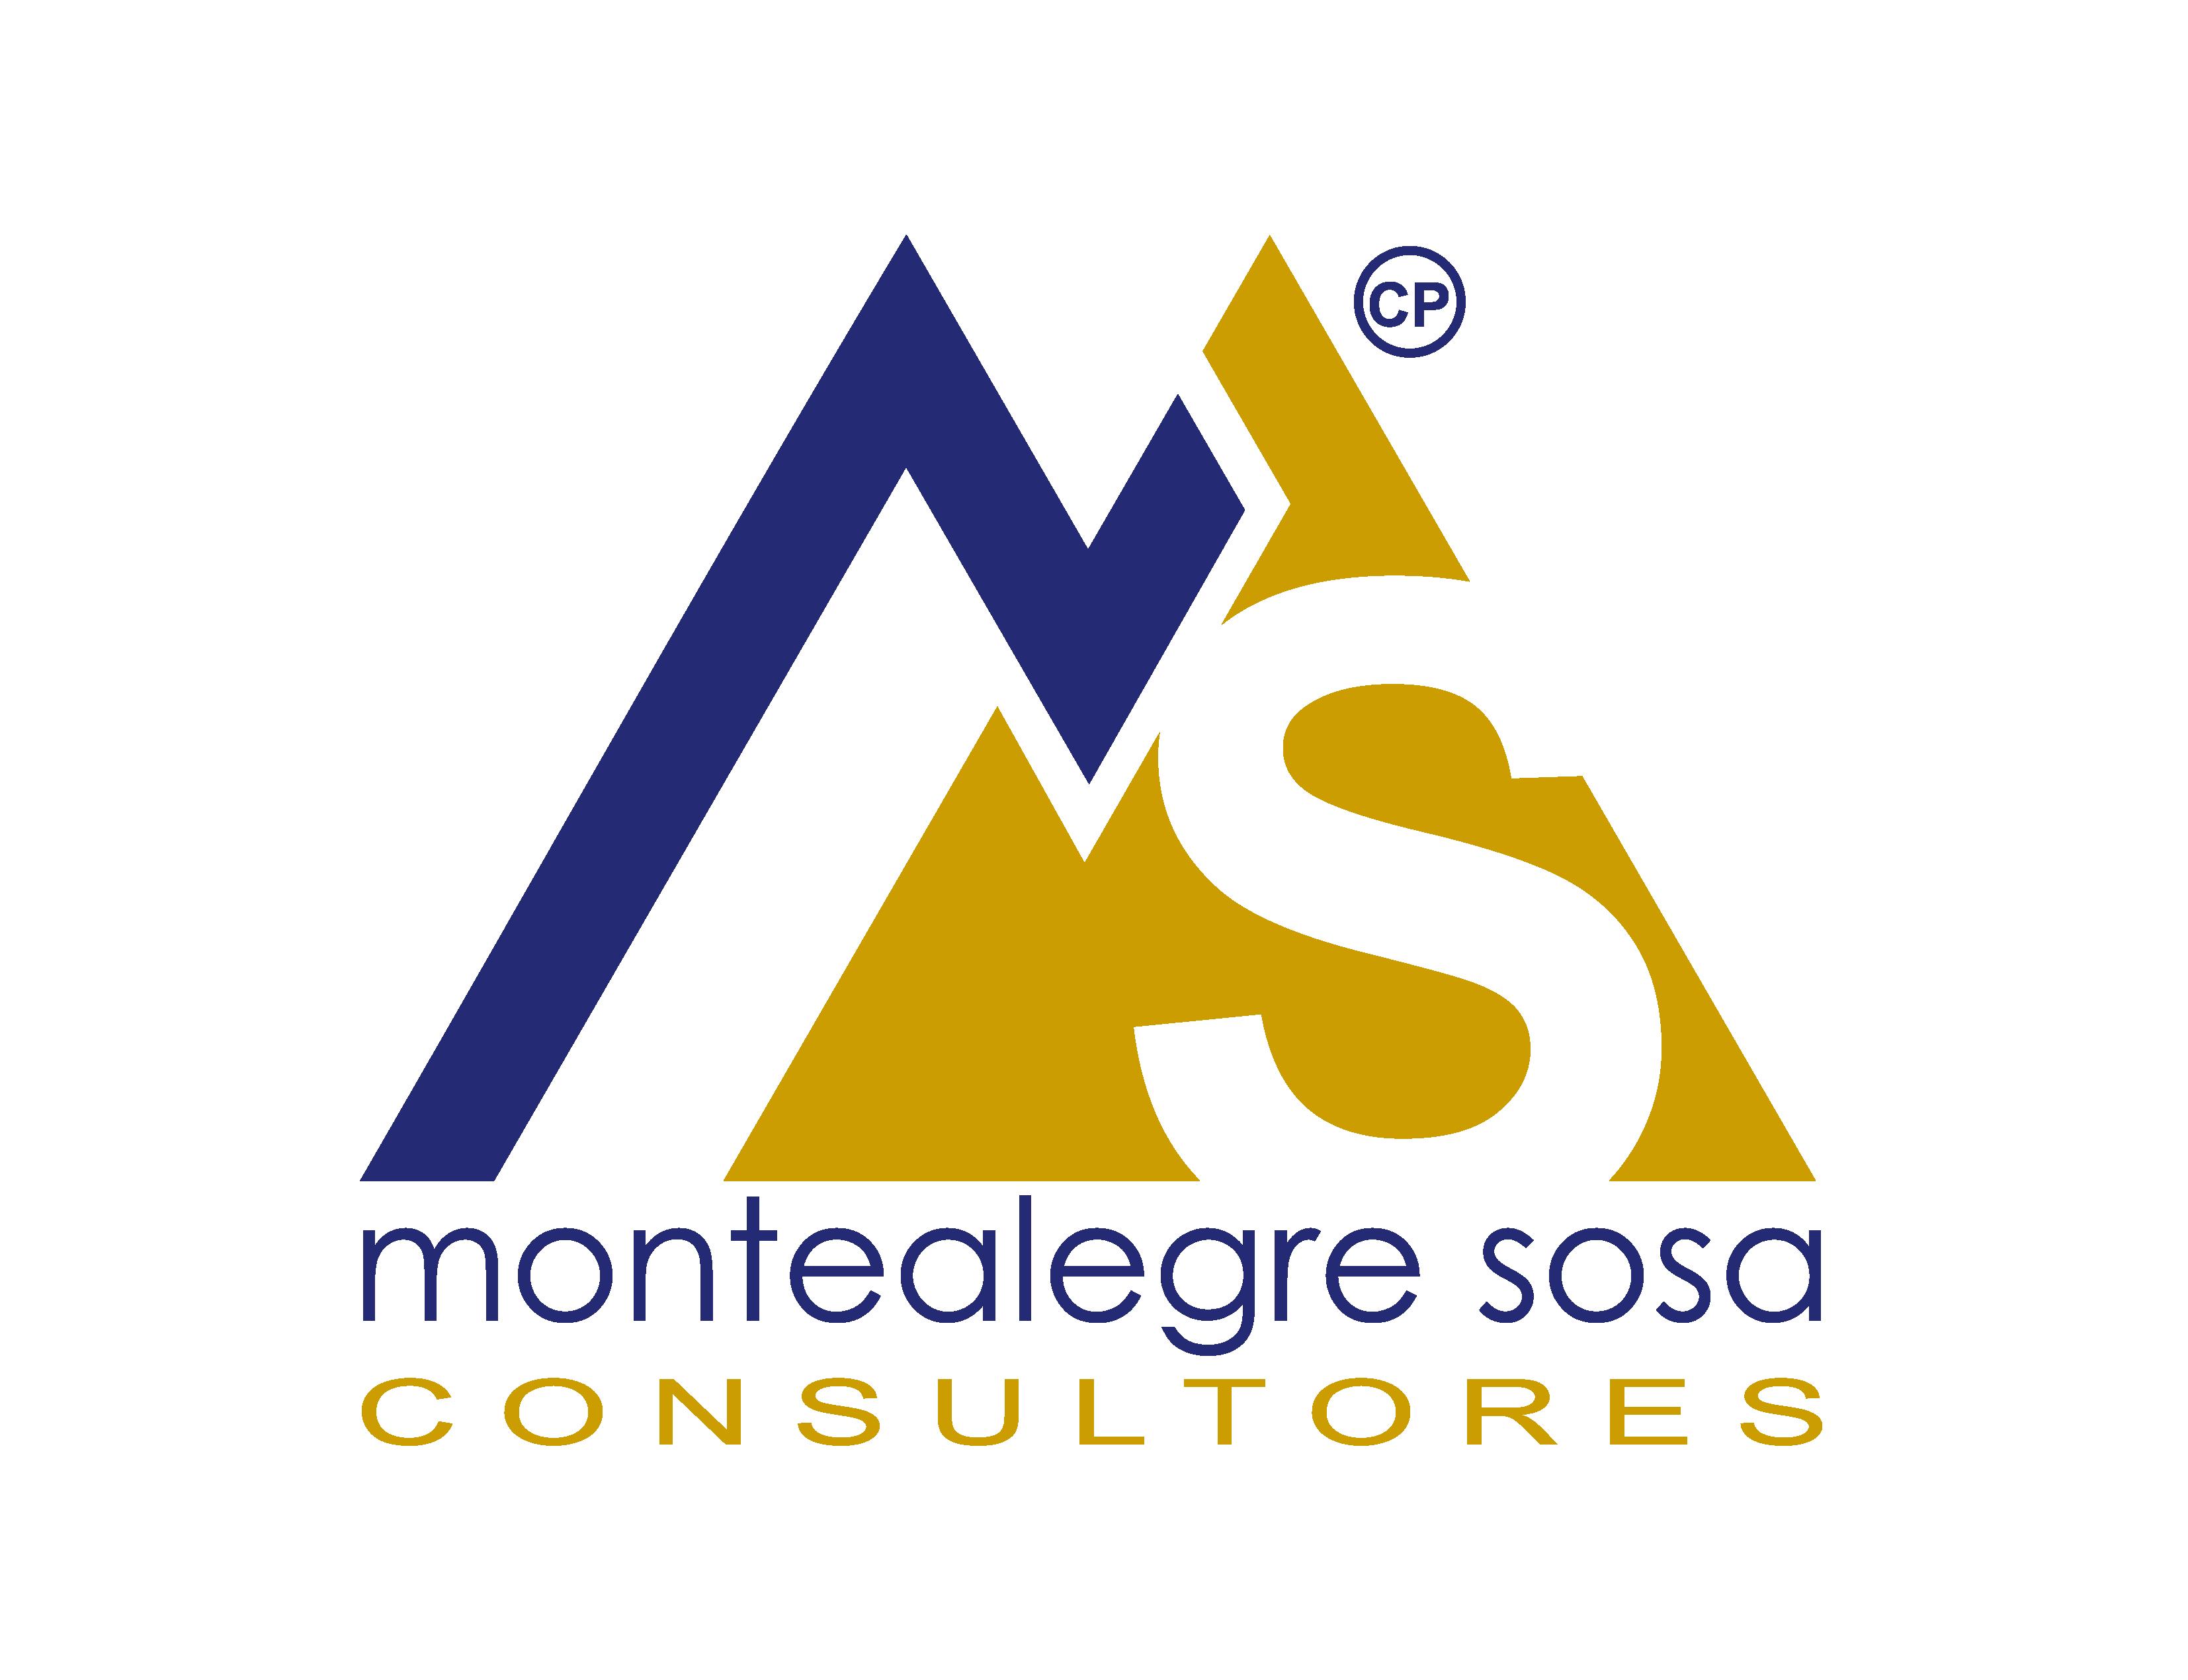 Montealegre Sosa Consultores